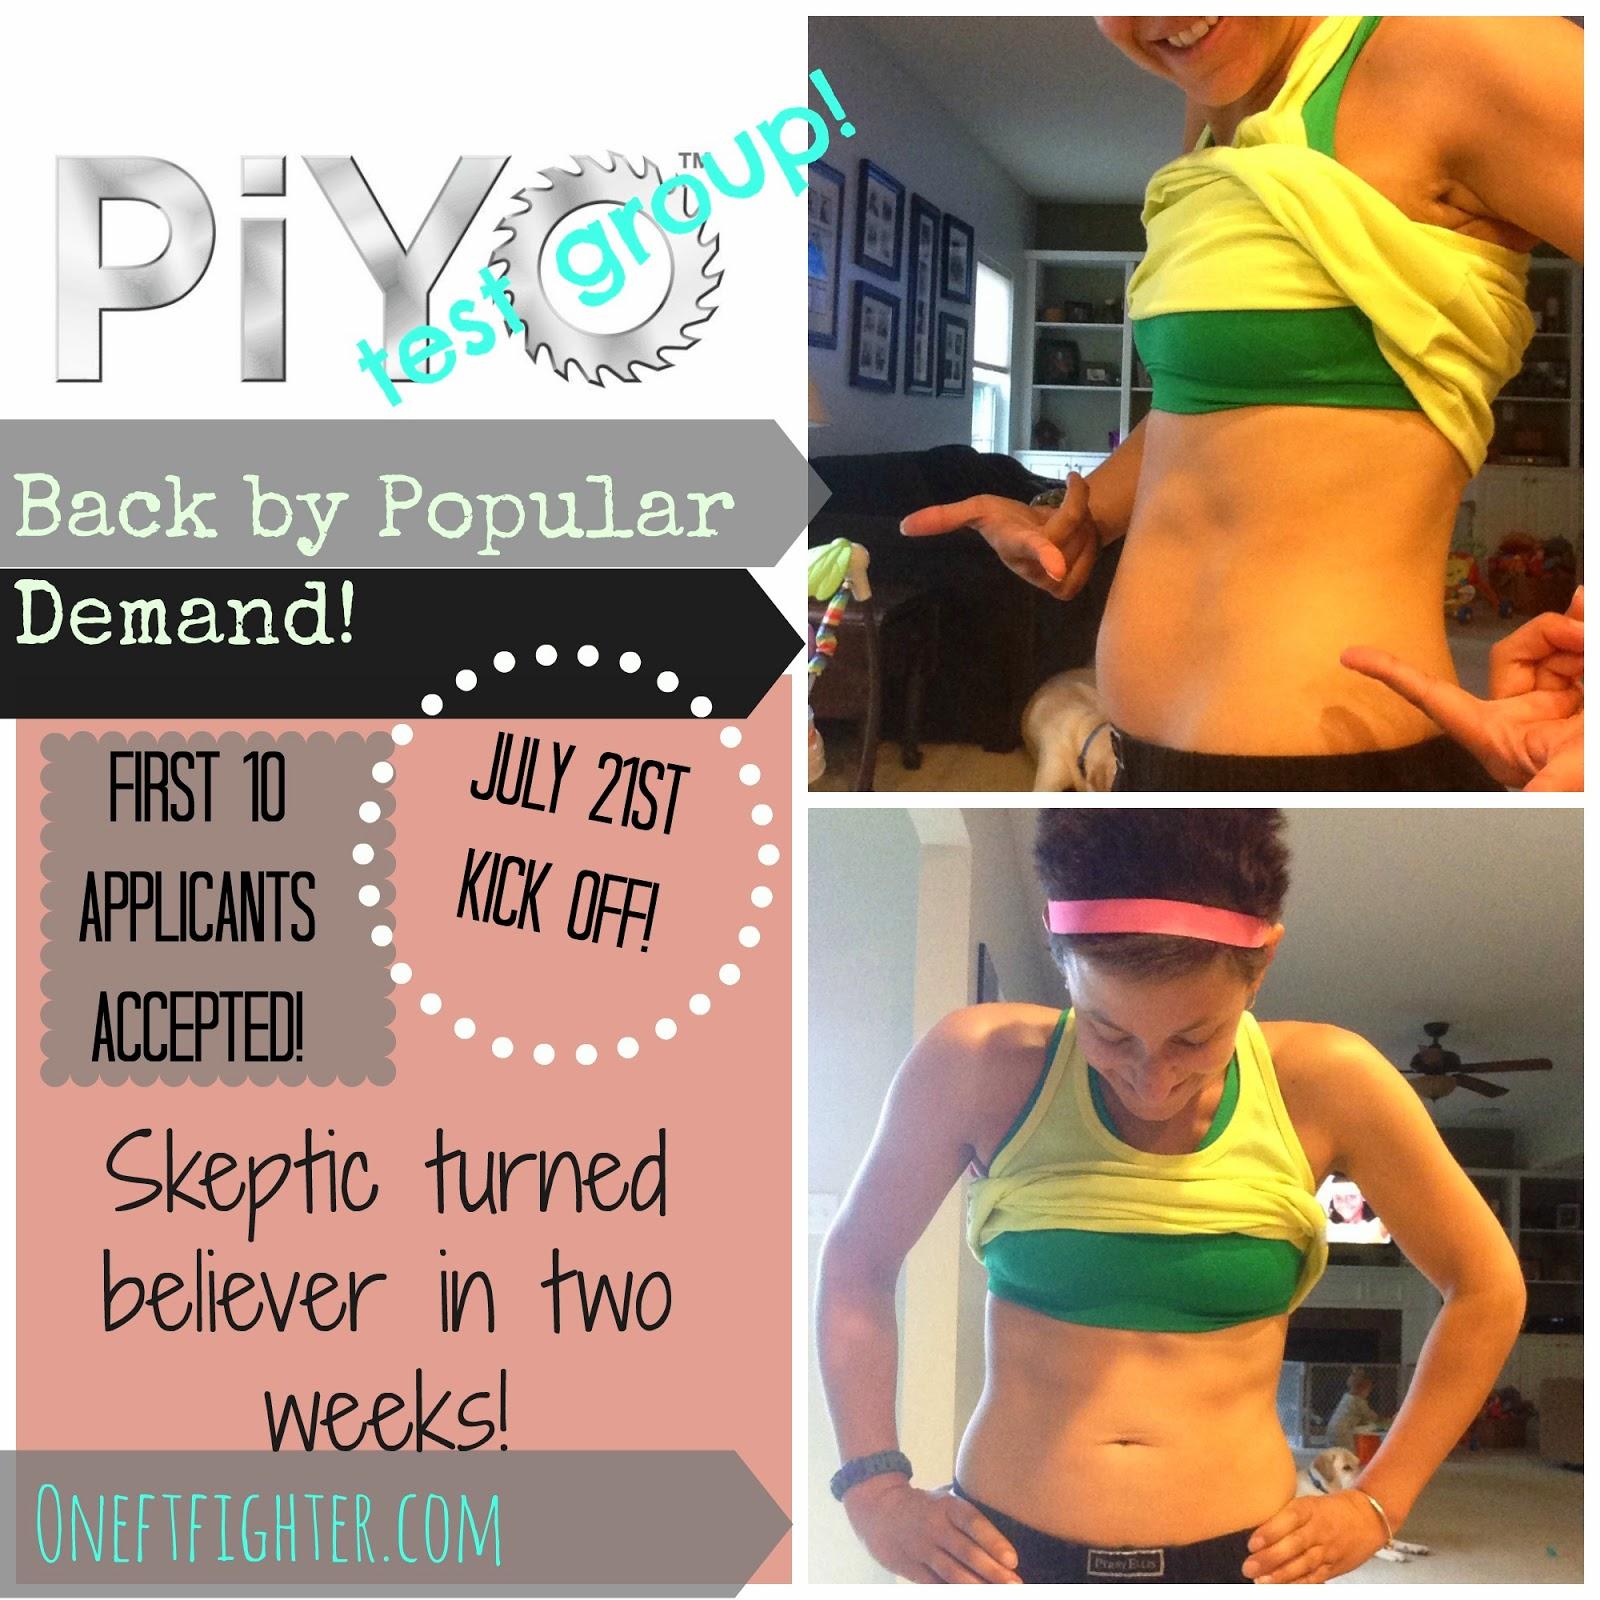 piyo test group, piyo transformation